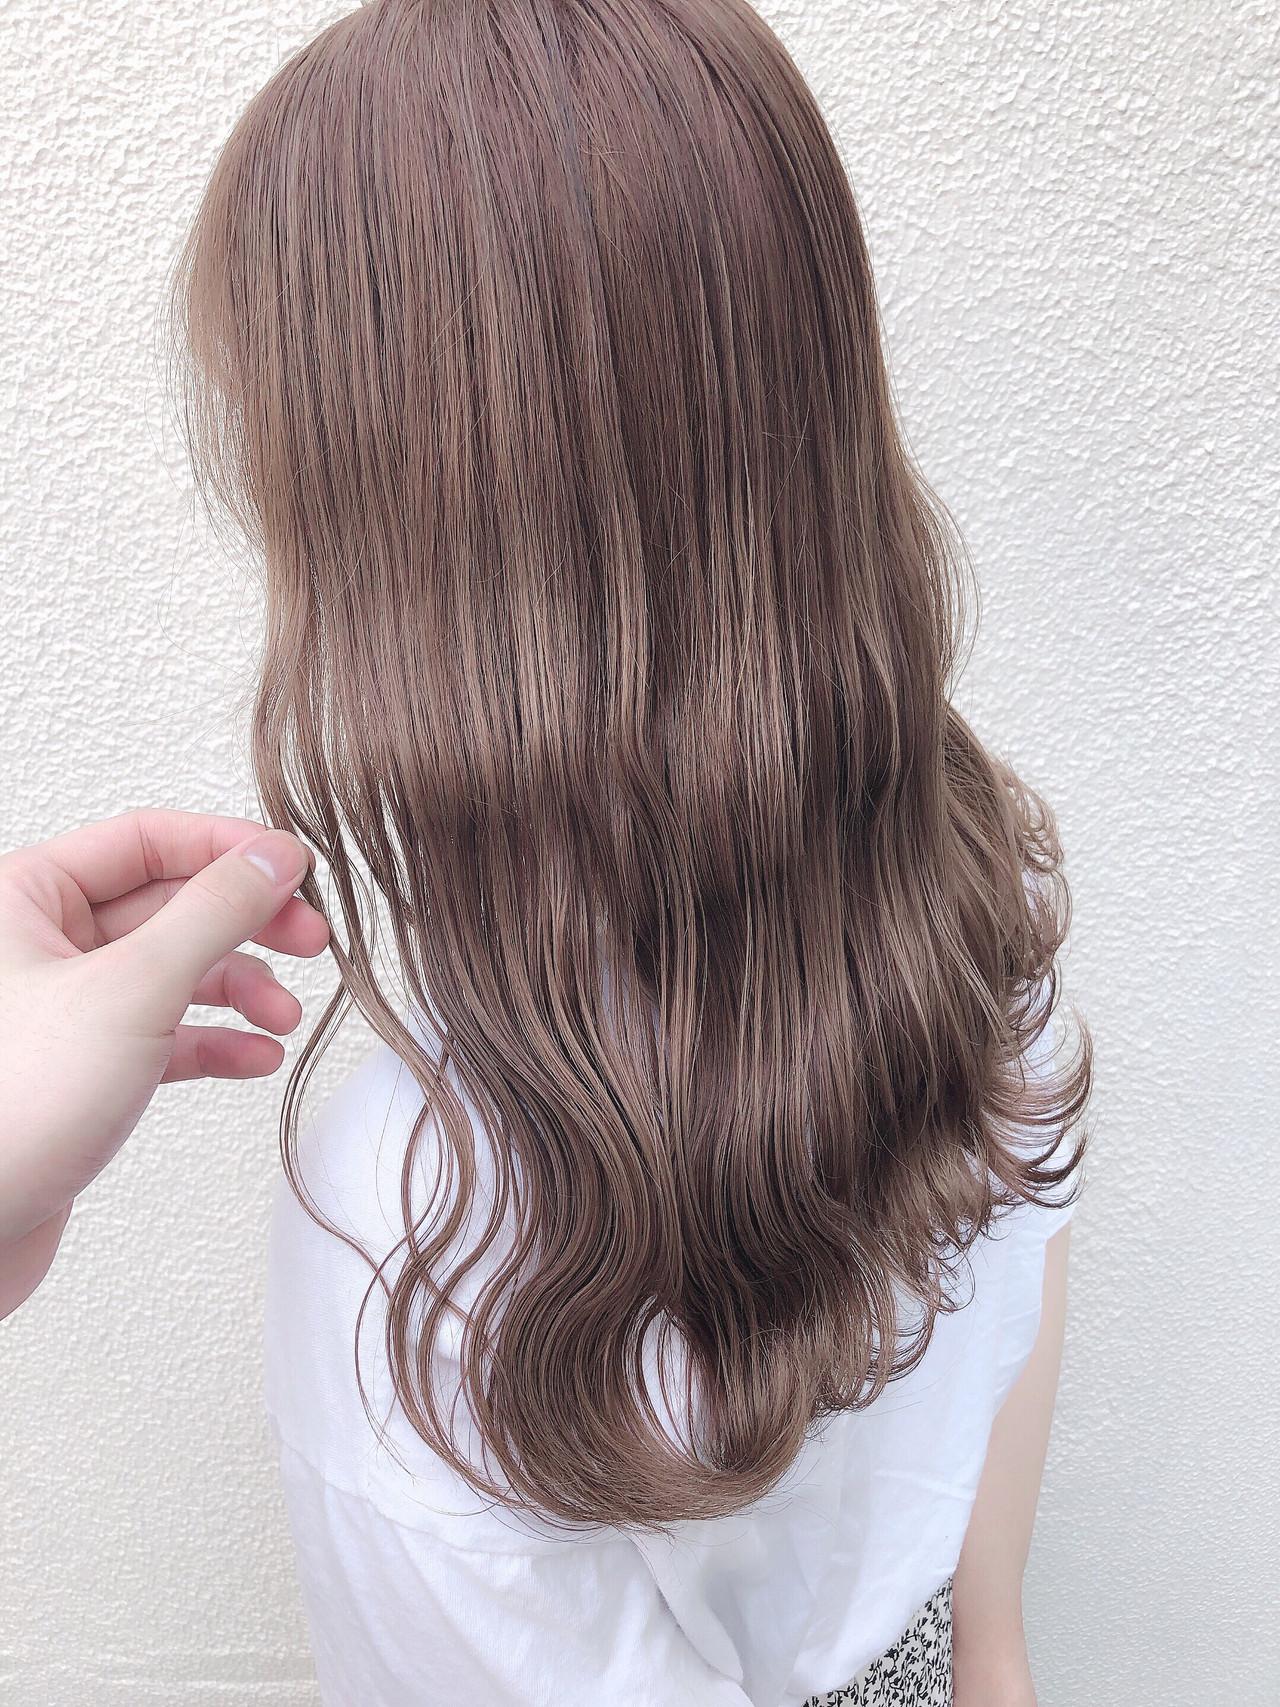 アッシュグレージュ ミルクティーベージュ セミロング ピンクベージュ ヘアスタイルや髪型の写真・画像